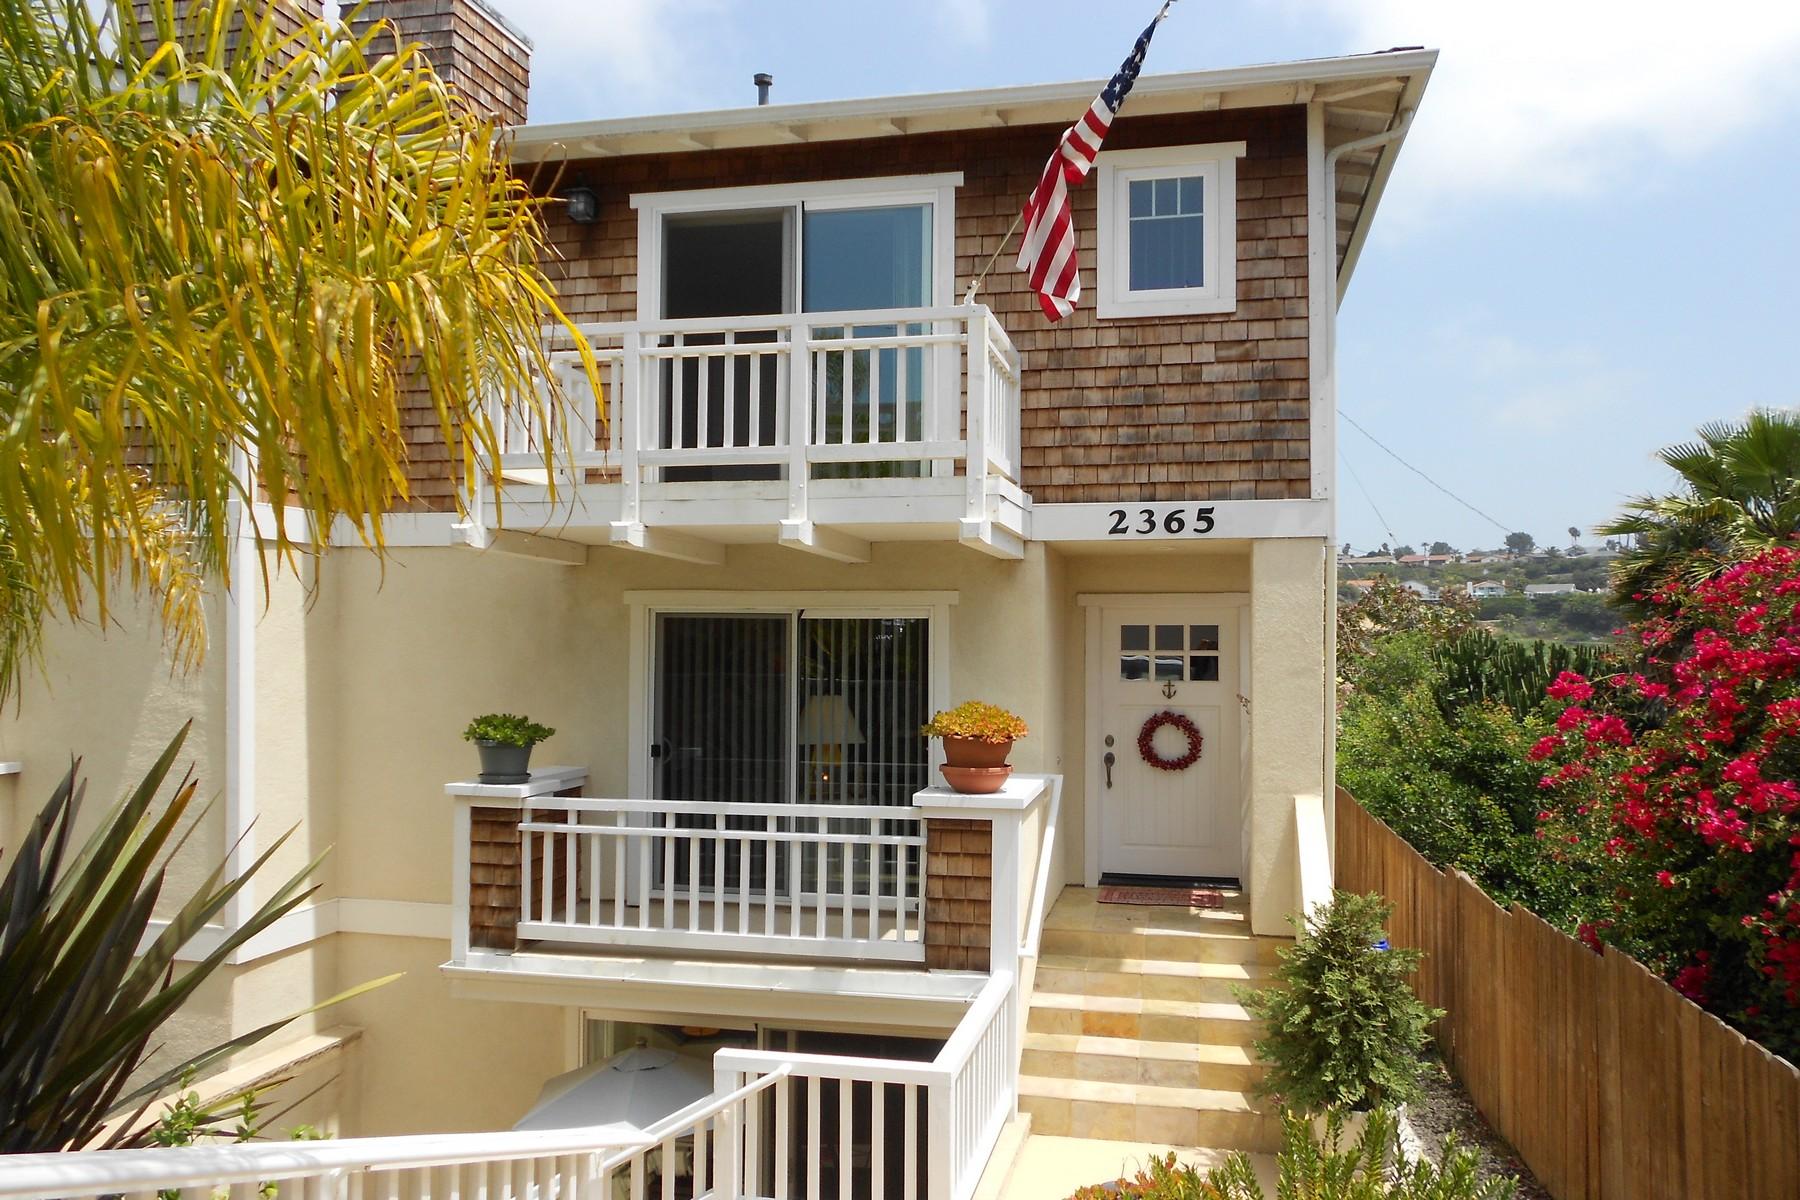 Maison unifamiliale pour l Vente à 2365 Cambridge Ave 2365 Cambridge Avenue Cardiff, Californie 92007 États-Unis